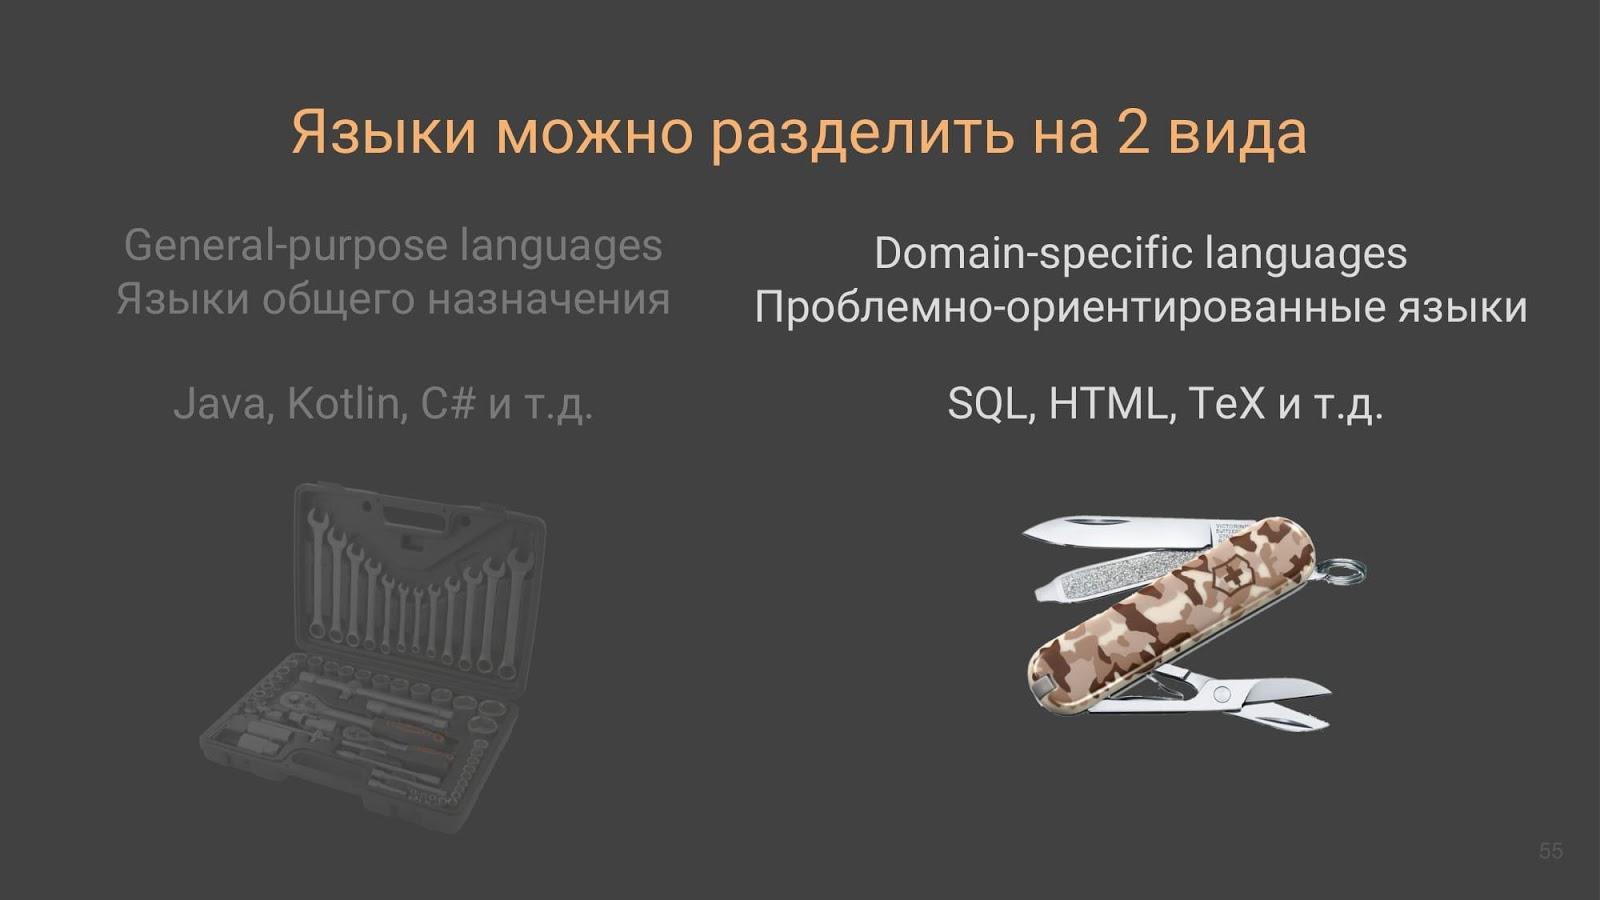 f81c790a921e43d645fc7380607cf8ea.jpg